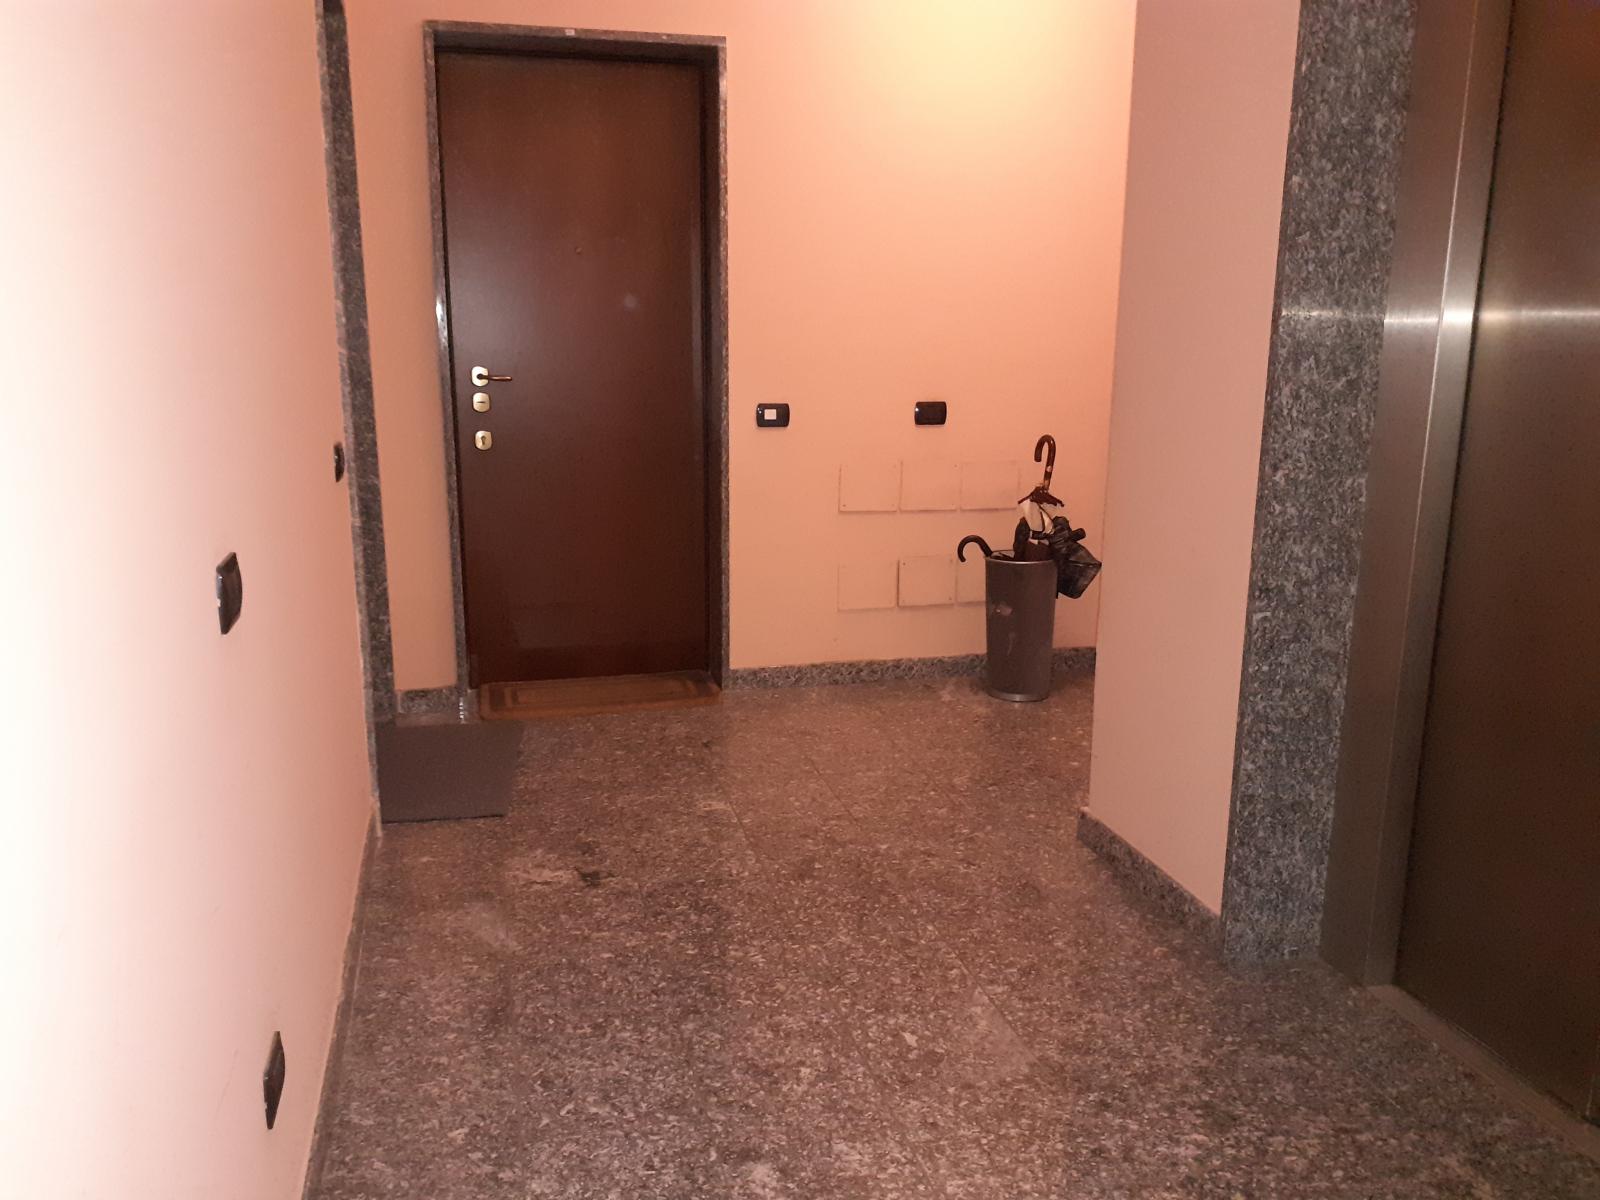 appartamento-in-vendita-a-milano-san-siro-via-capecelatro-spaziourbano-immobiliare-vende-9